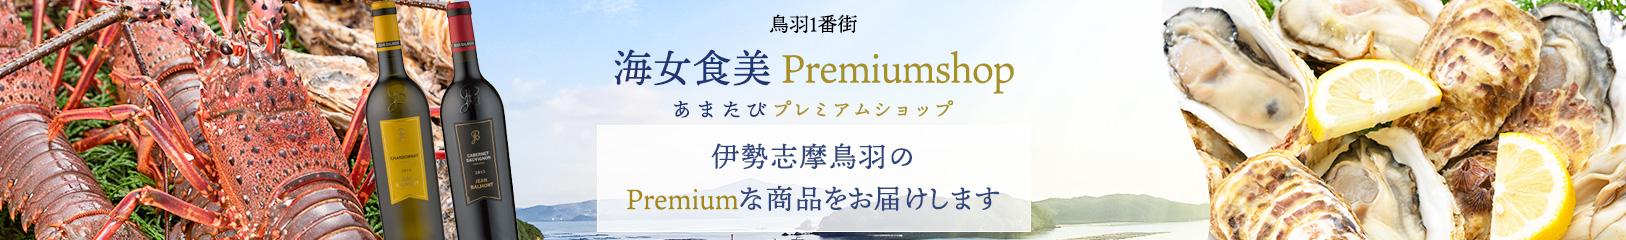 海女食美(あまたび)Premium Shop(プレミアムショップ)